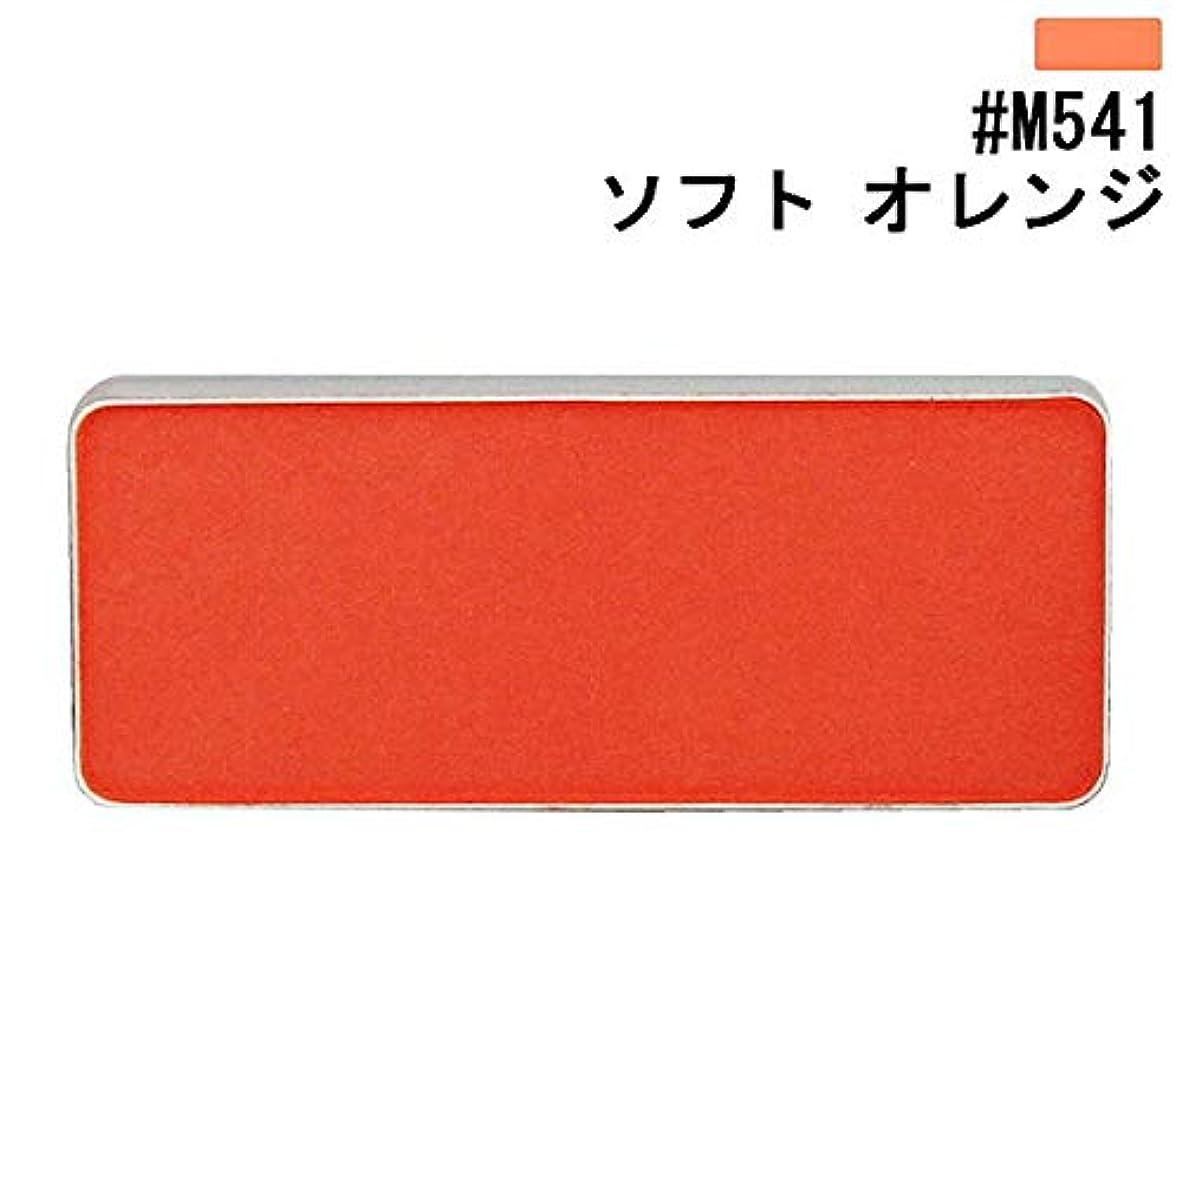 仲良し中世のポンド【シュウ ウエムラ】グローオン レフィル #M541 ソフト オレンジ 4g